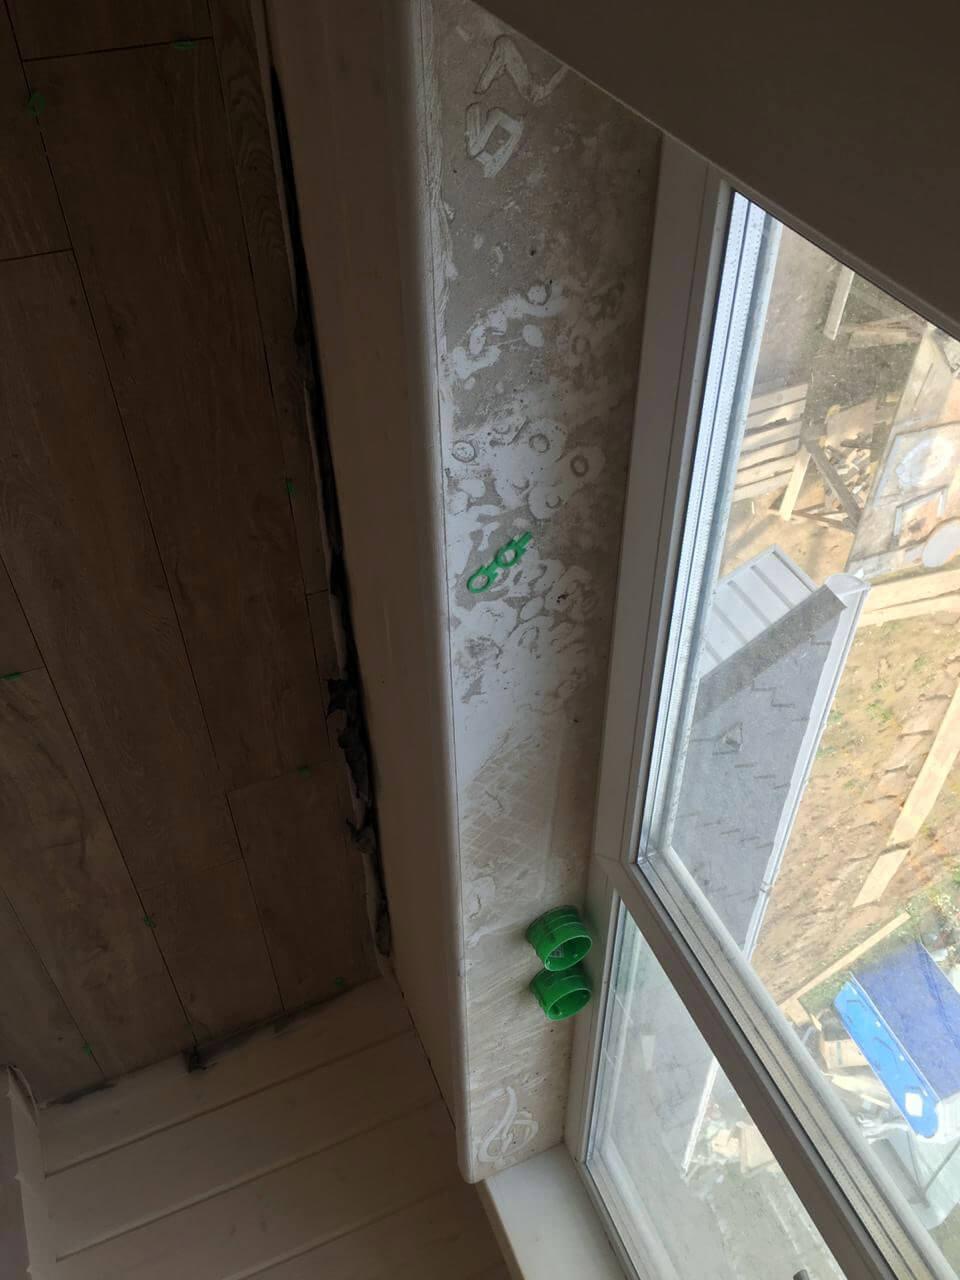 Часть окна и стены помещения с грязным стеклом